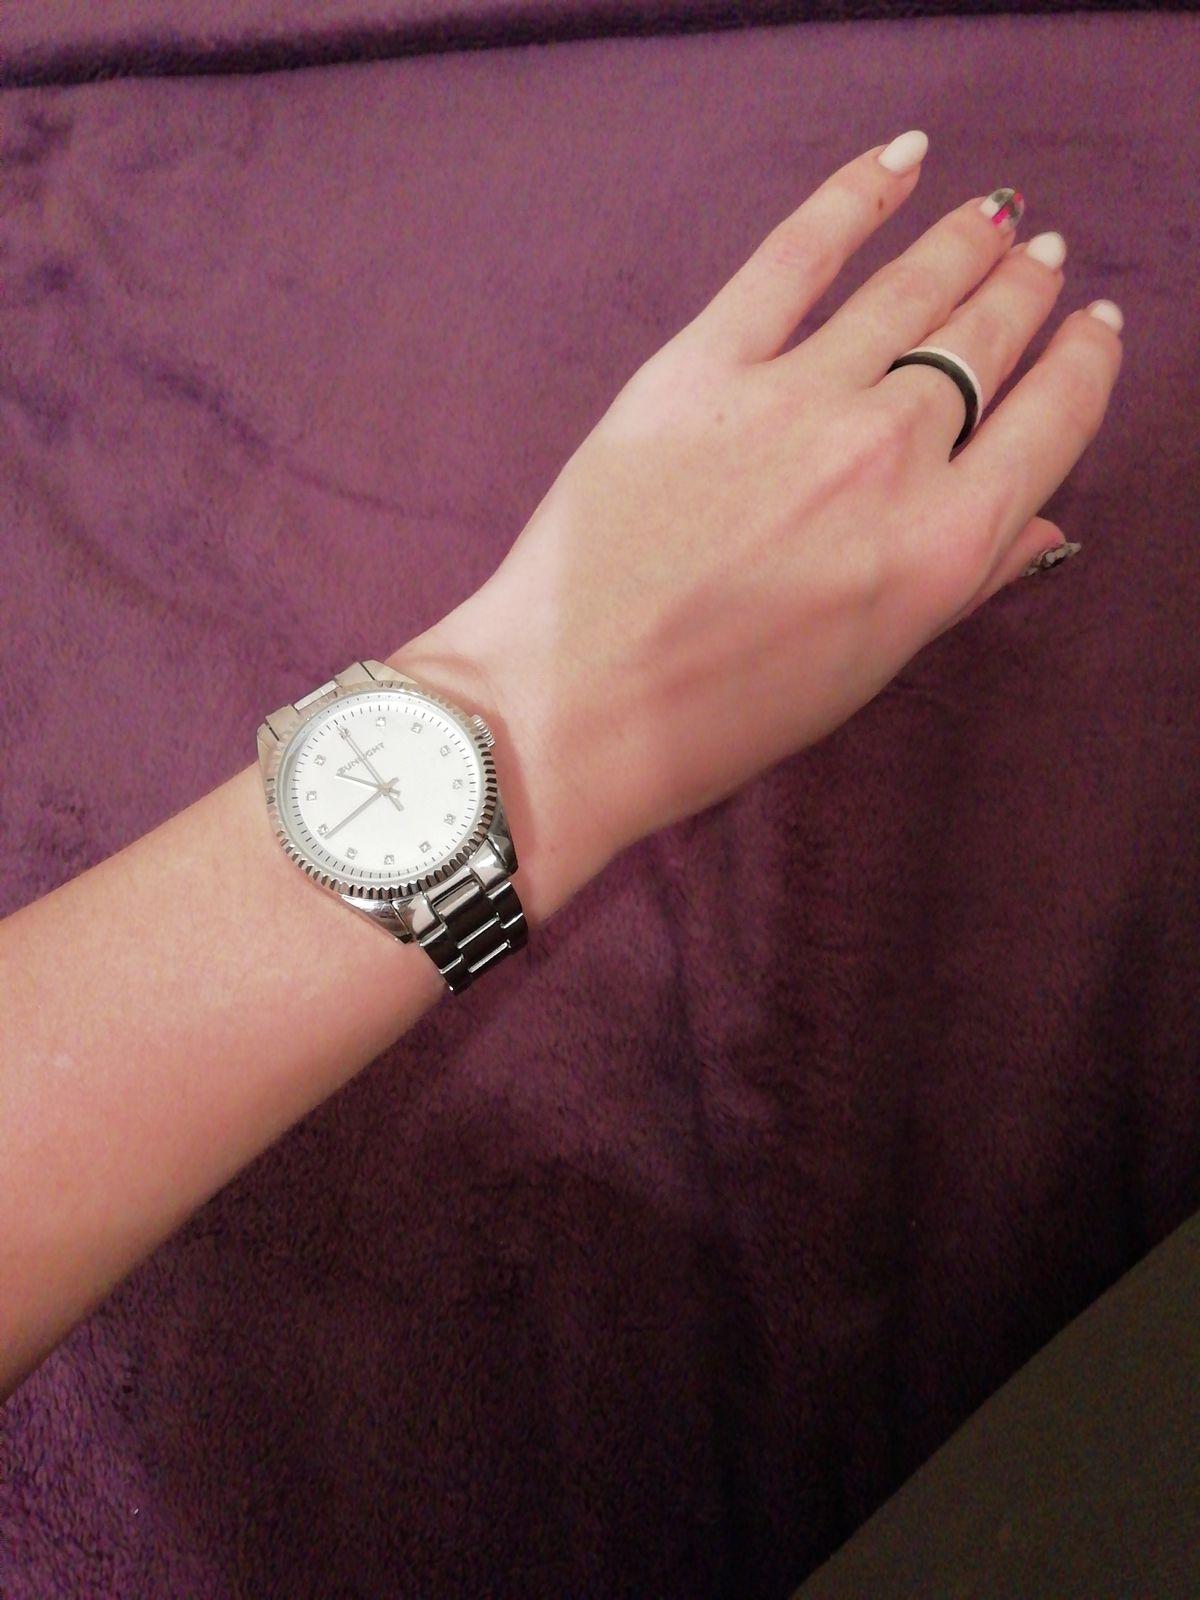 Яркие часы, много комплиментов)